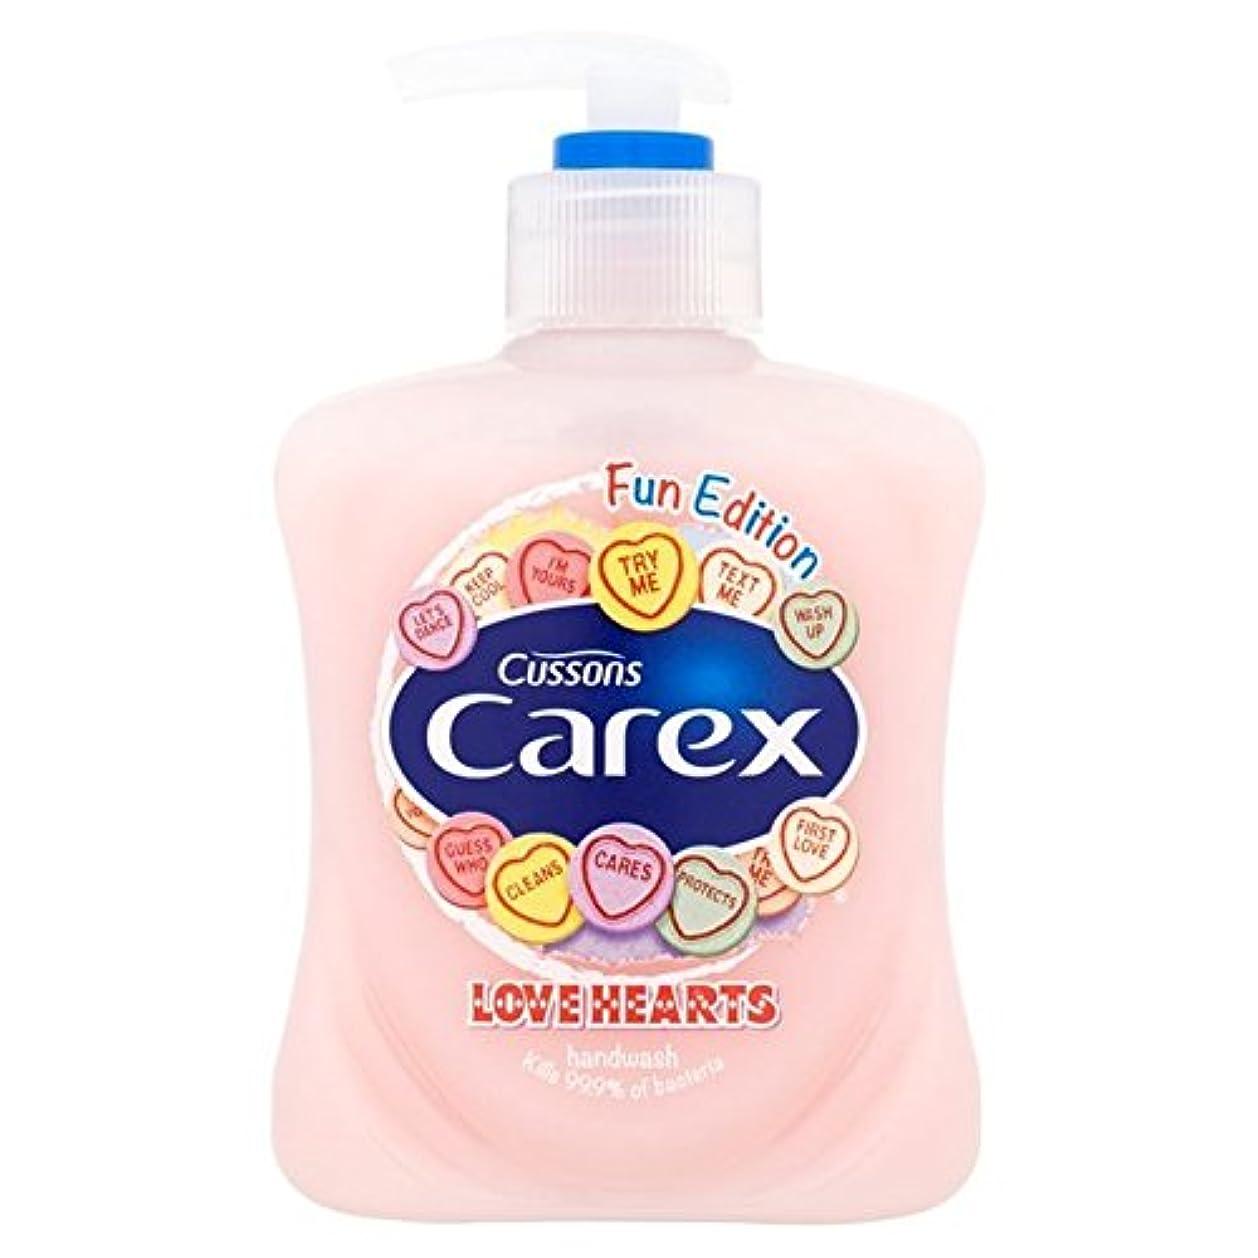 れんがシーフード他の場所Carex Fun Edition Love Hearts Hand Wash 250ml (Pack of 6) - スゲ楽しい版愛の心のハンドウォッシュ250ミリリットル x6 [並行輸入品]